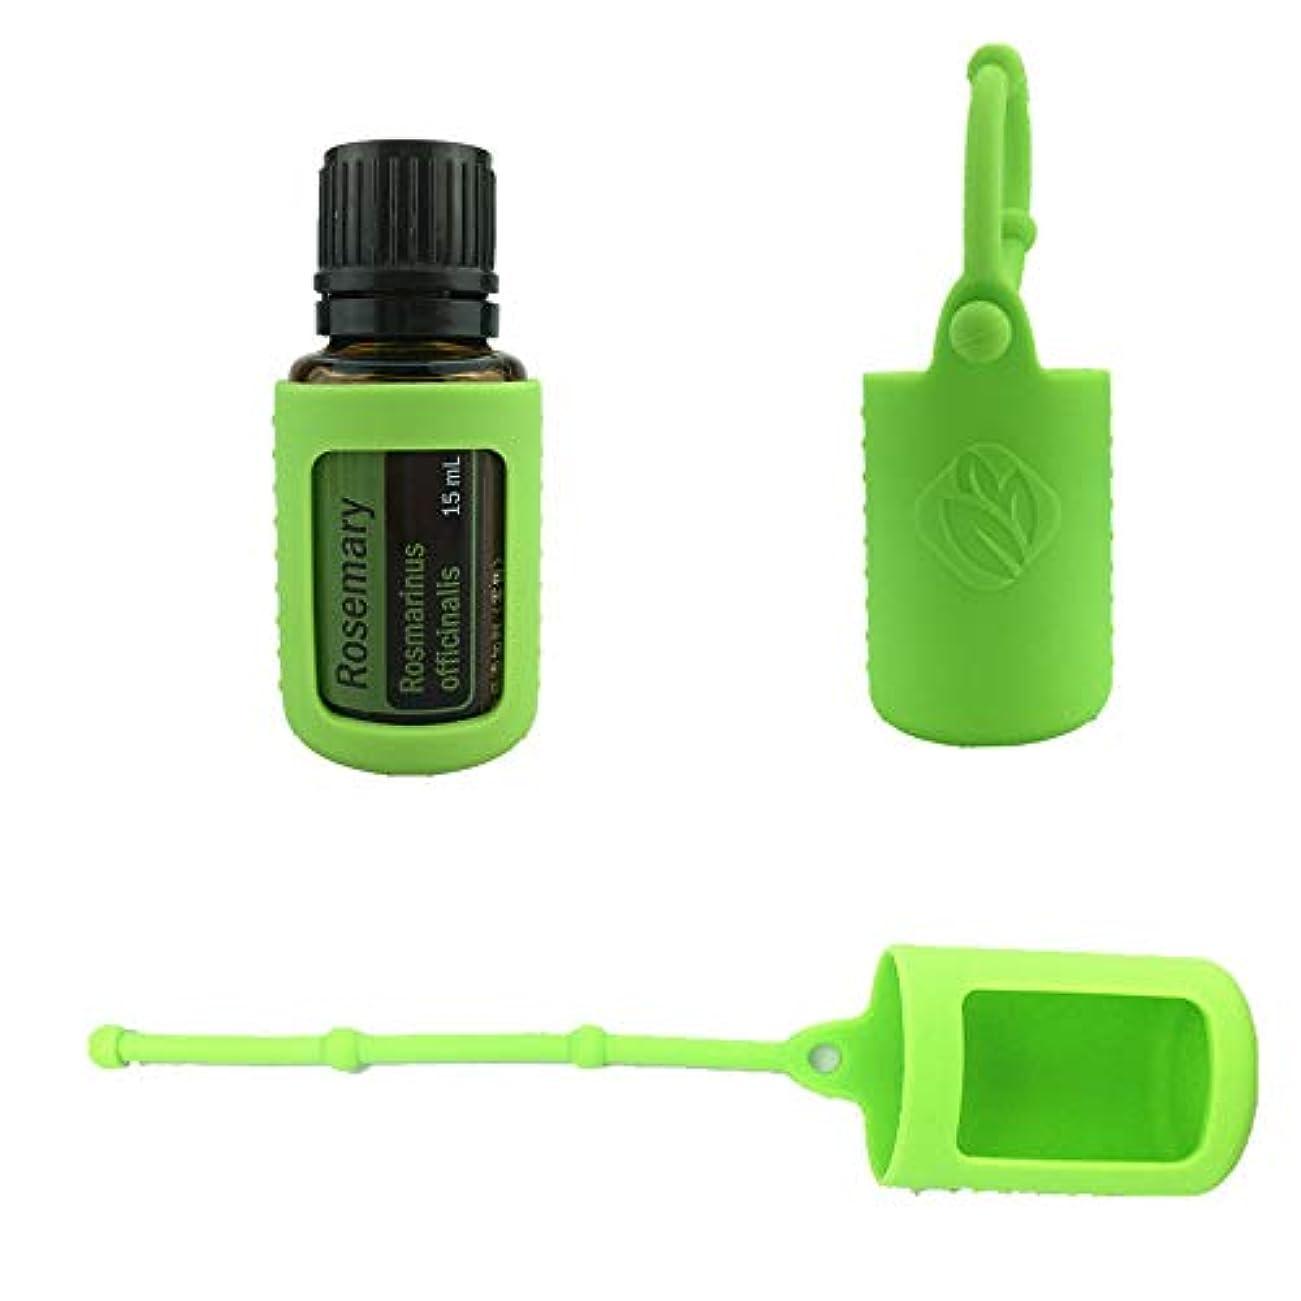 分離するミントにぎやか6パック熱望オイルボトルシリコンローラーボトルホルダースリーブエッセンシャルオイルボトル保護カバーケースハングロープ - グリーン - 6-pcs 5ml